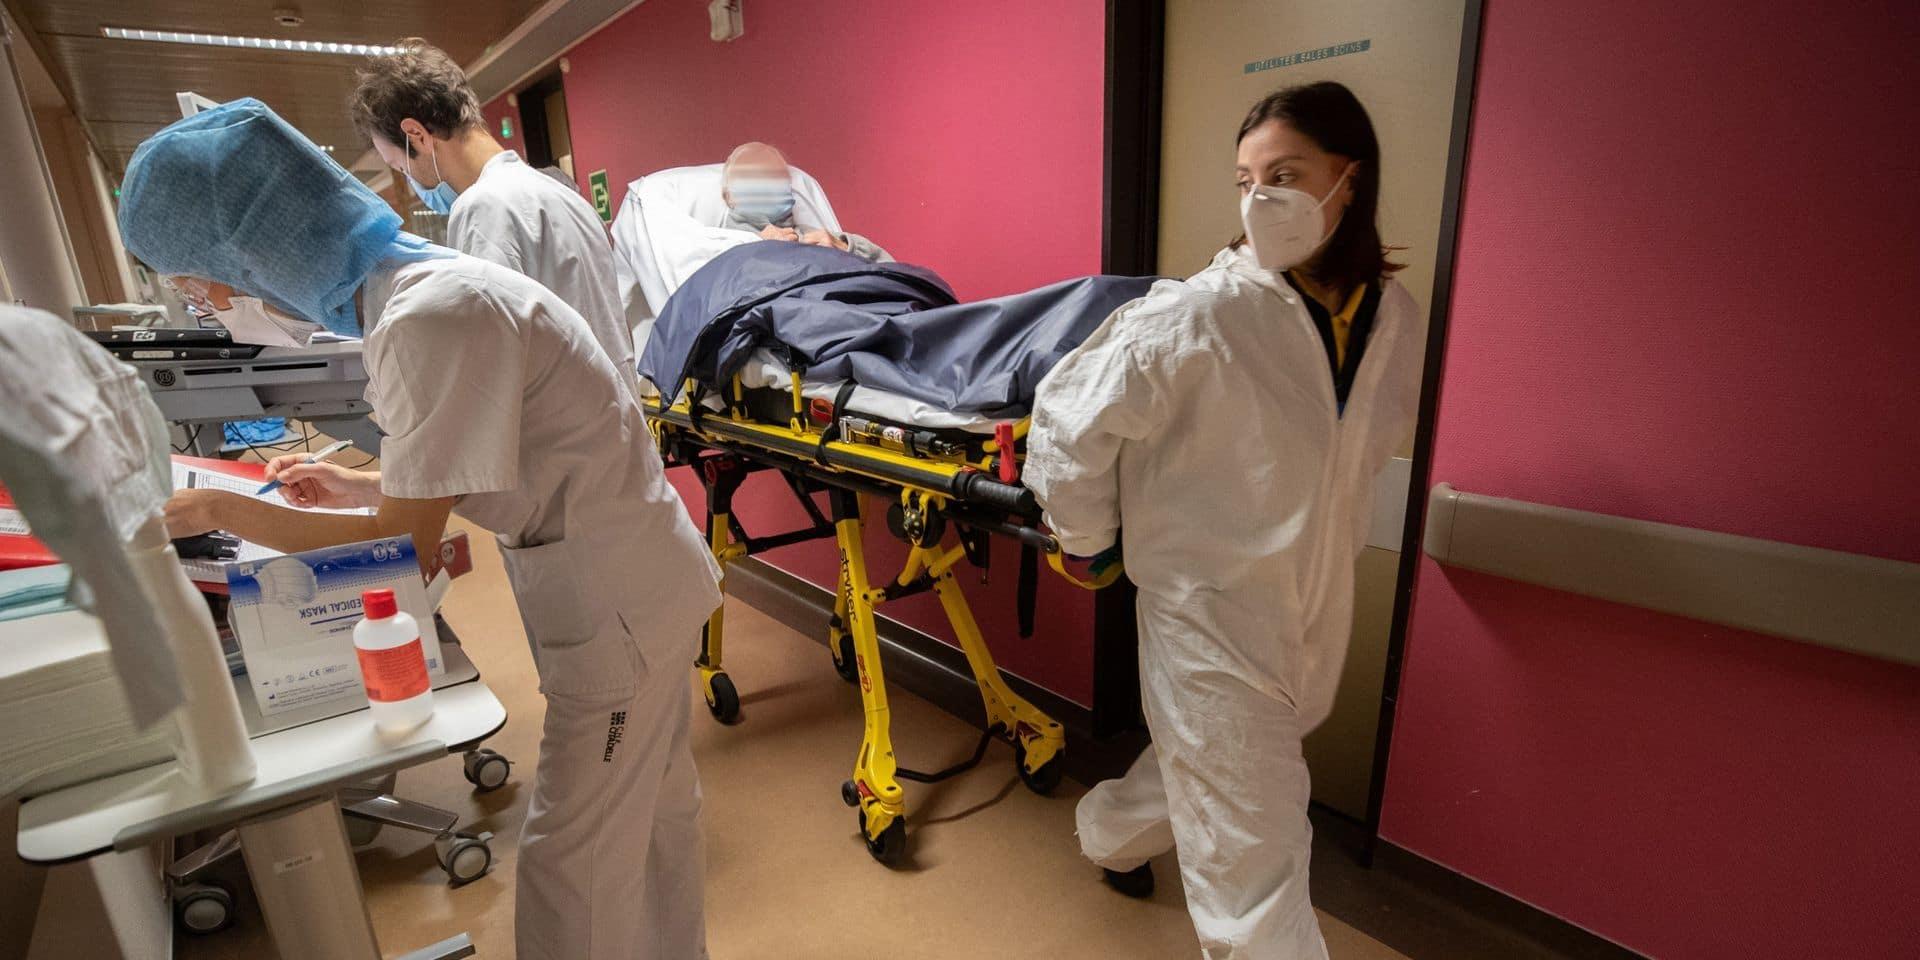 Le nouveau point noir des contaminations Covid: après Bruxelles, c'est Liège qui inquiète